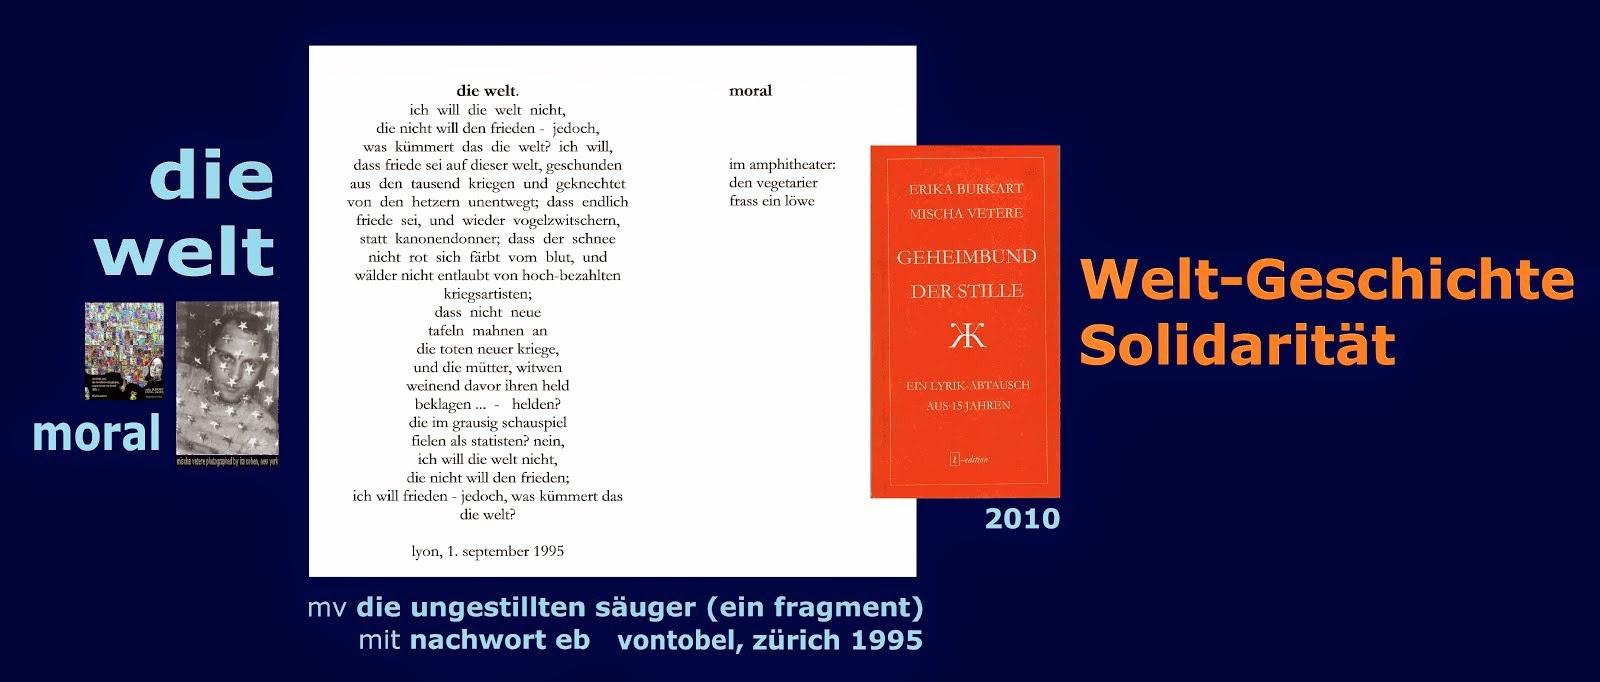 erika burkart mischa vetere GEHEIMBUND DER STILLE 2010 die ungestillten säuger (ein fragment) 1995